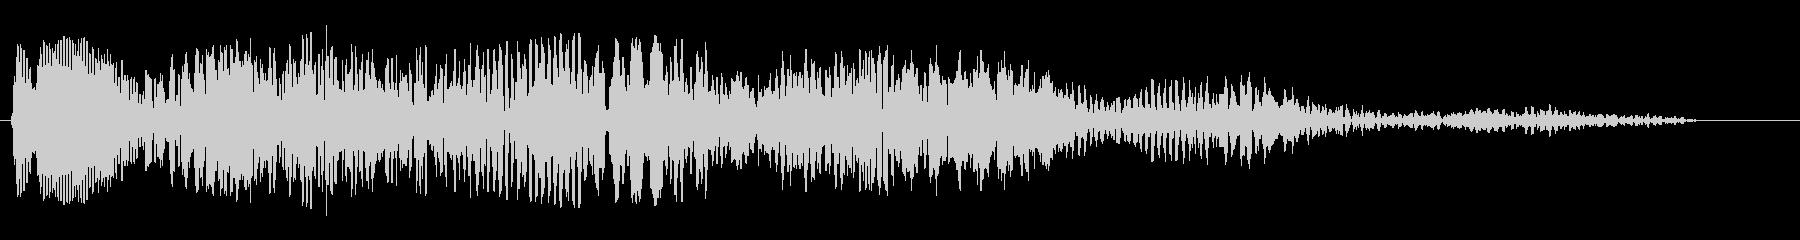 シンセのオープニングに使われそうな電子音の未再生の波形